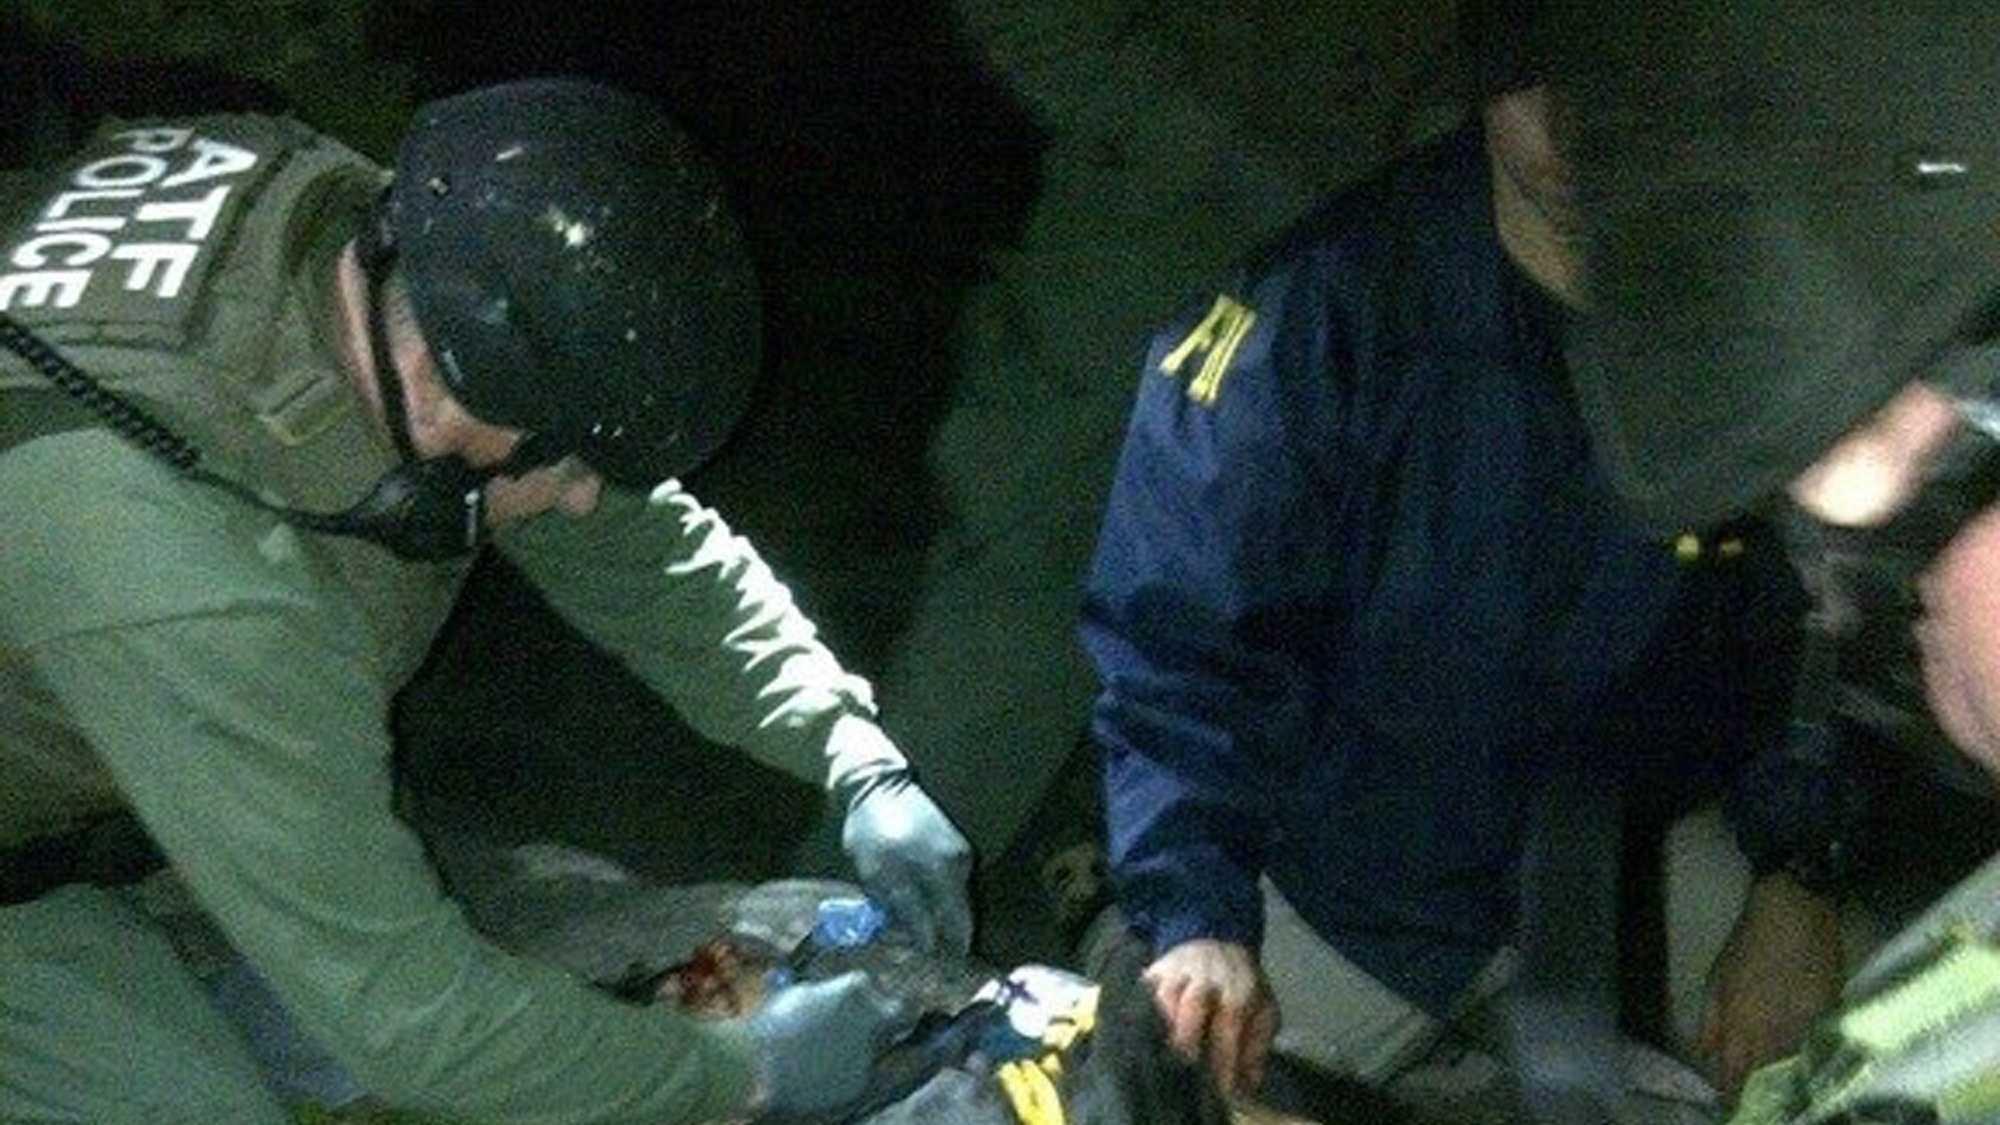 Dzhokhar Tsarnaev Actual Arrest